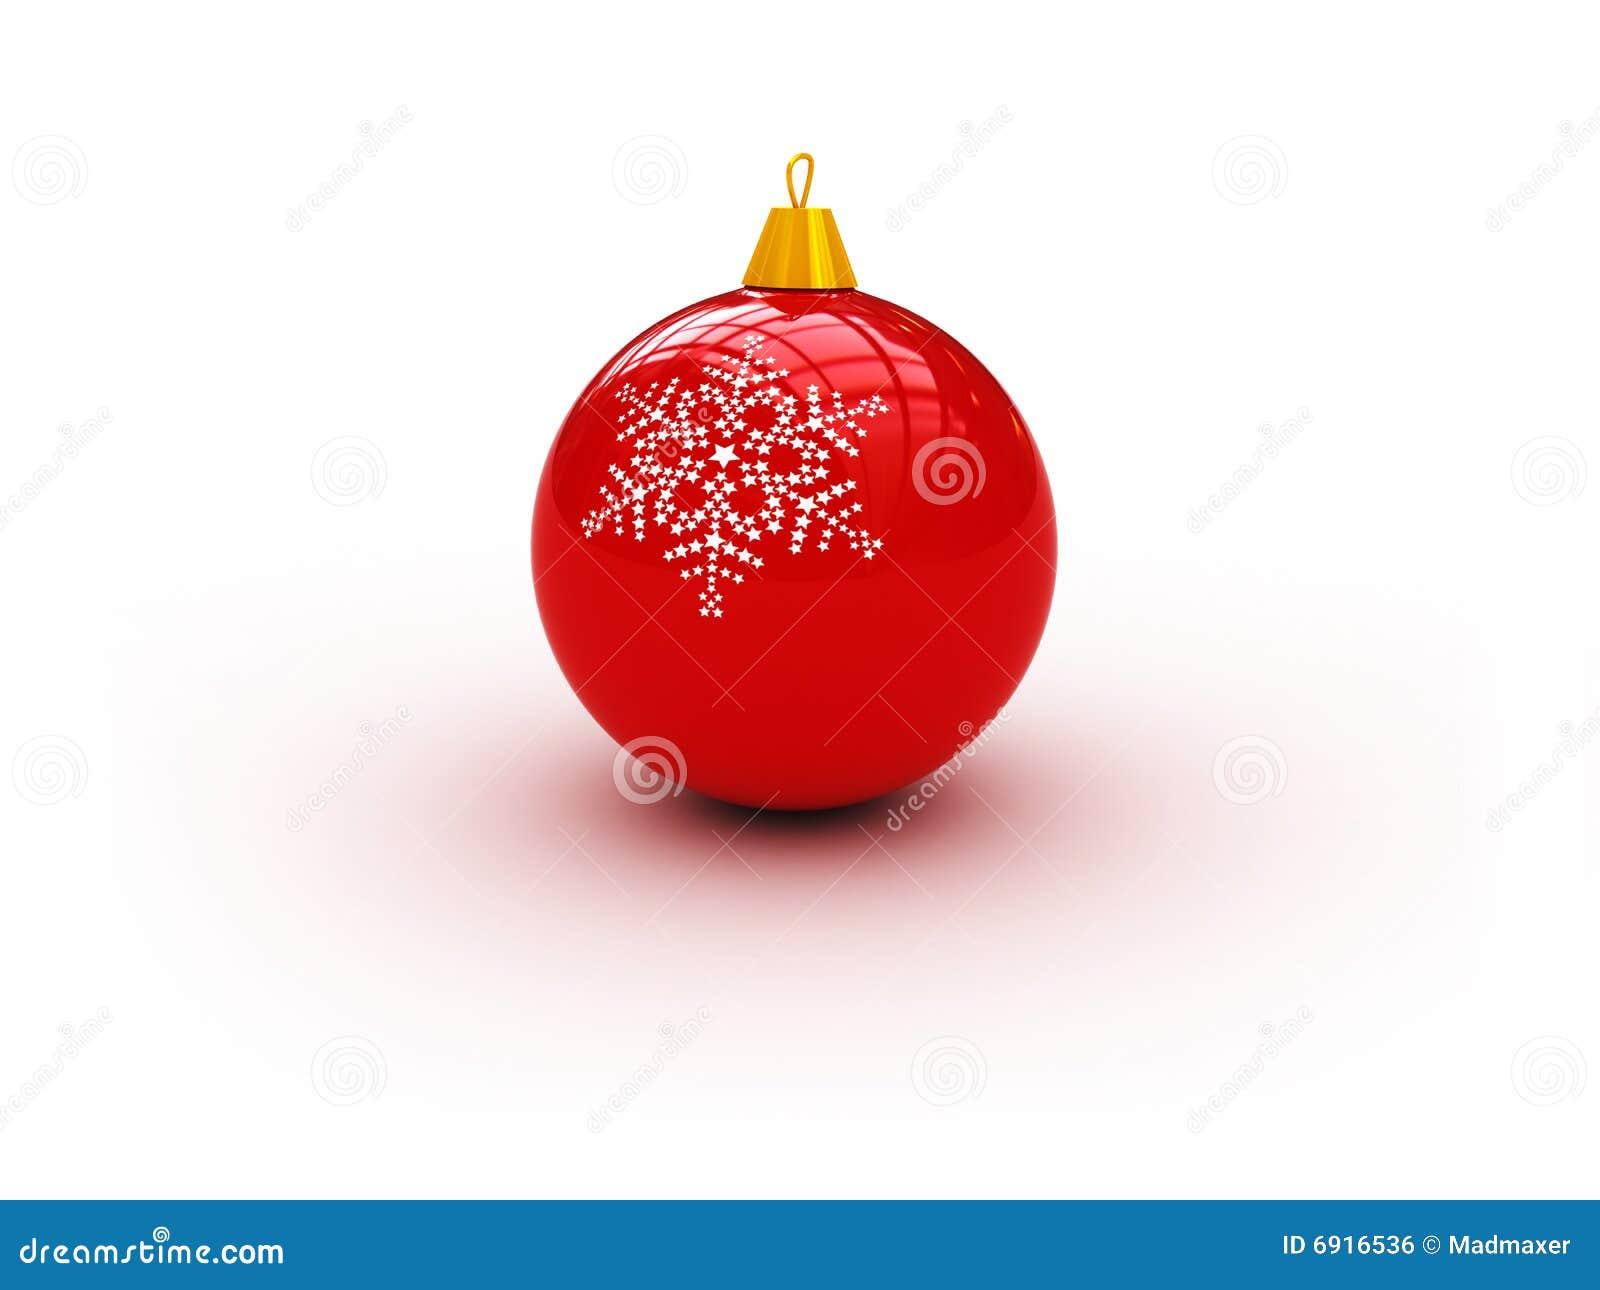 Bola roja de navidad for Arbol de navidad con bolas rojas